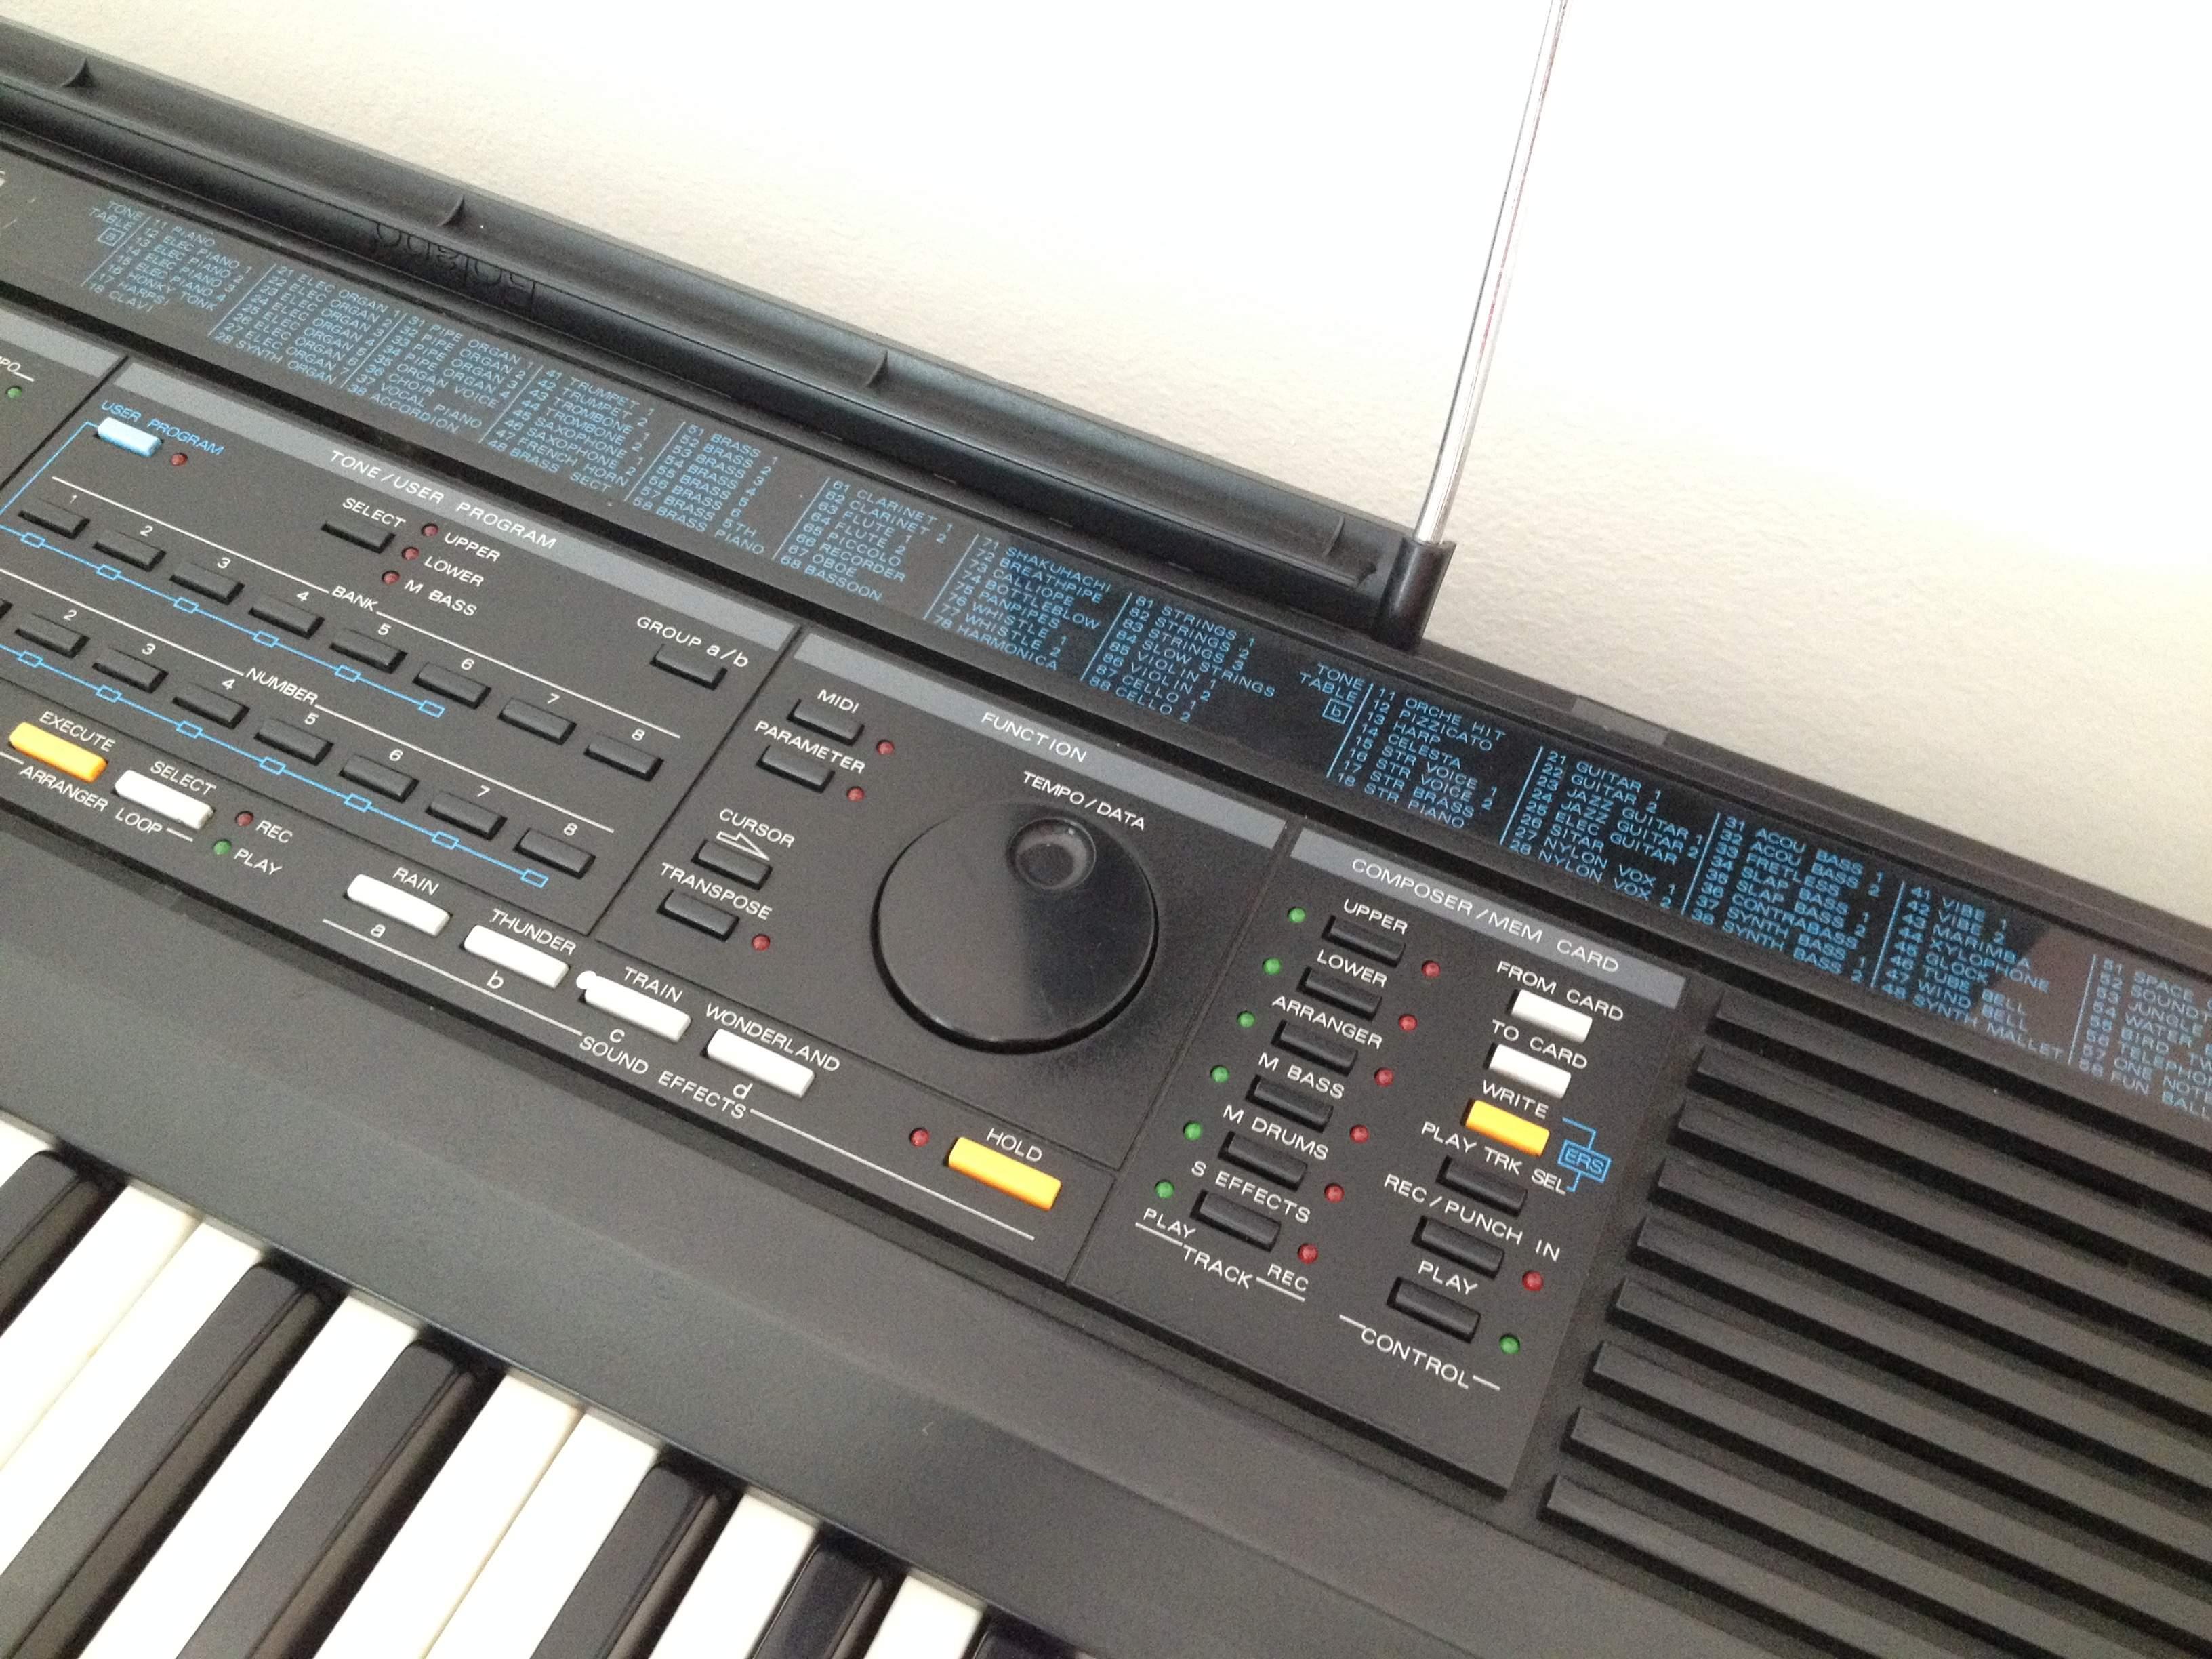 Tastiera Roland E 30 - USATO